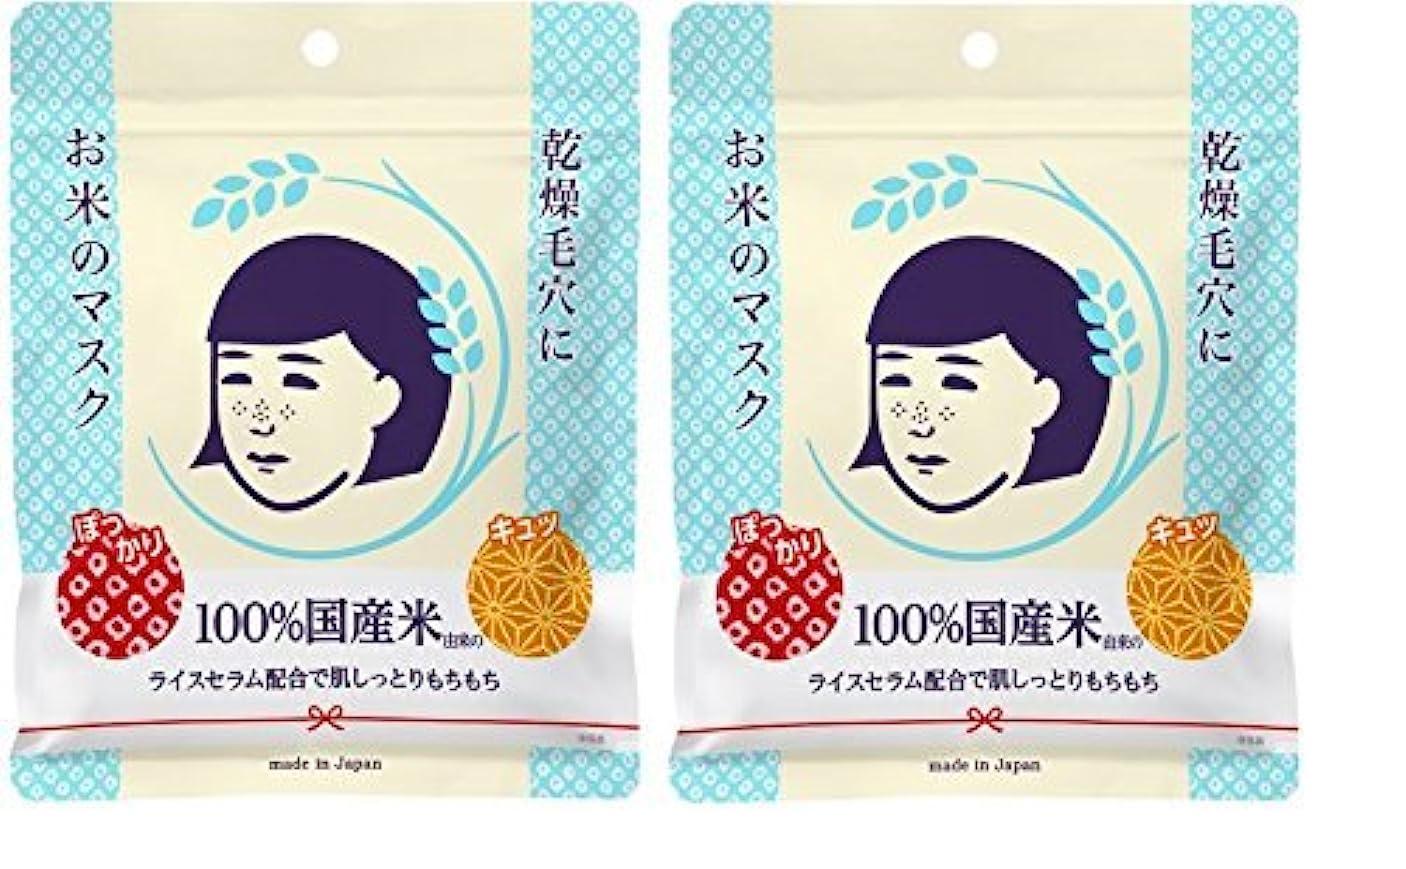 甘やかす誰も浸す2個セット 毛穴撫子 お米のマスク 10枚入 100%国産米使用 フェイスマスク×2